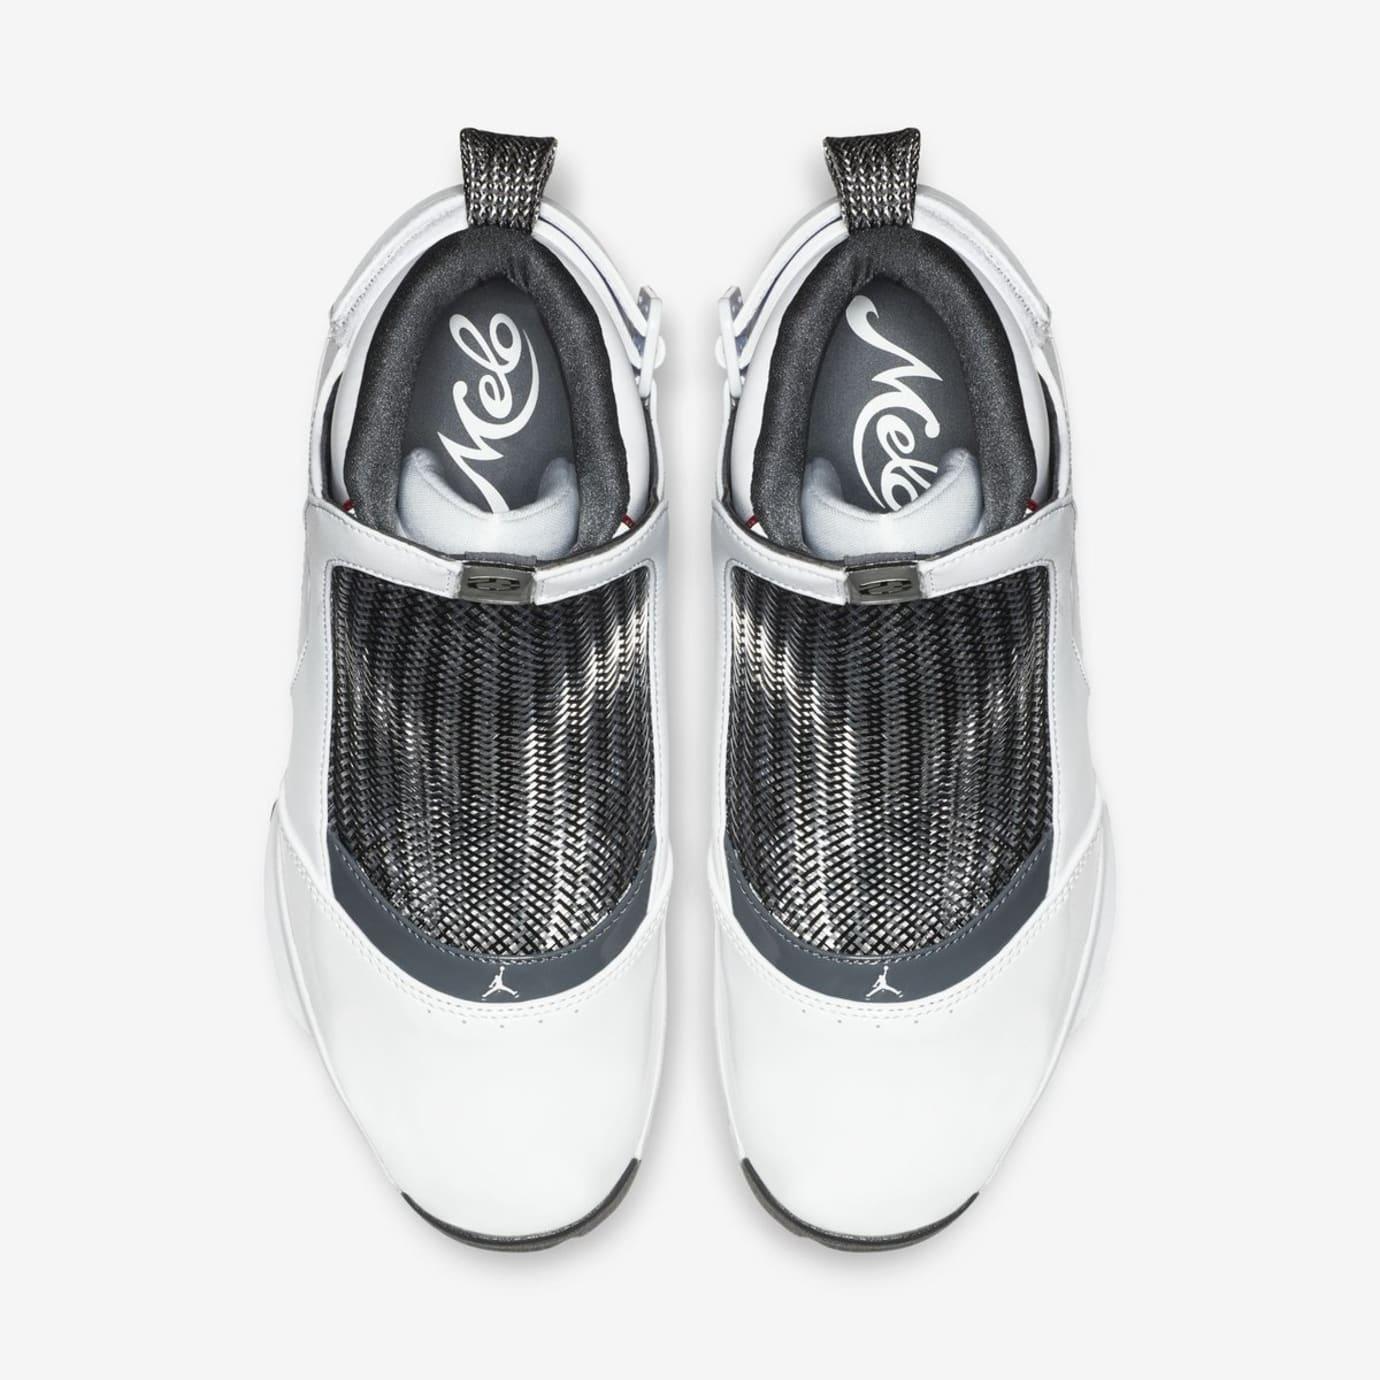 Air Jordan 19 'Melo/Flint Grey' (Top)